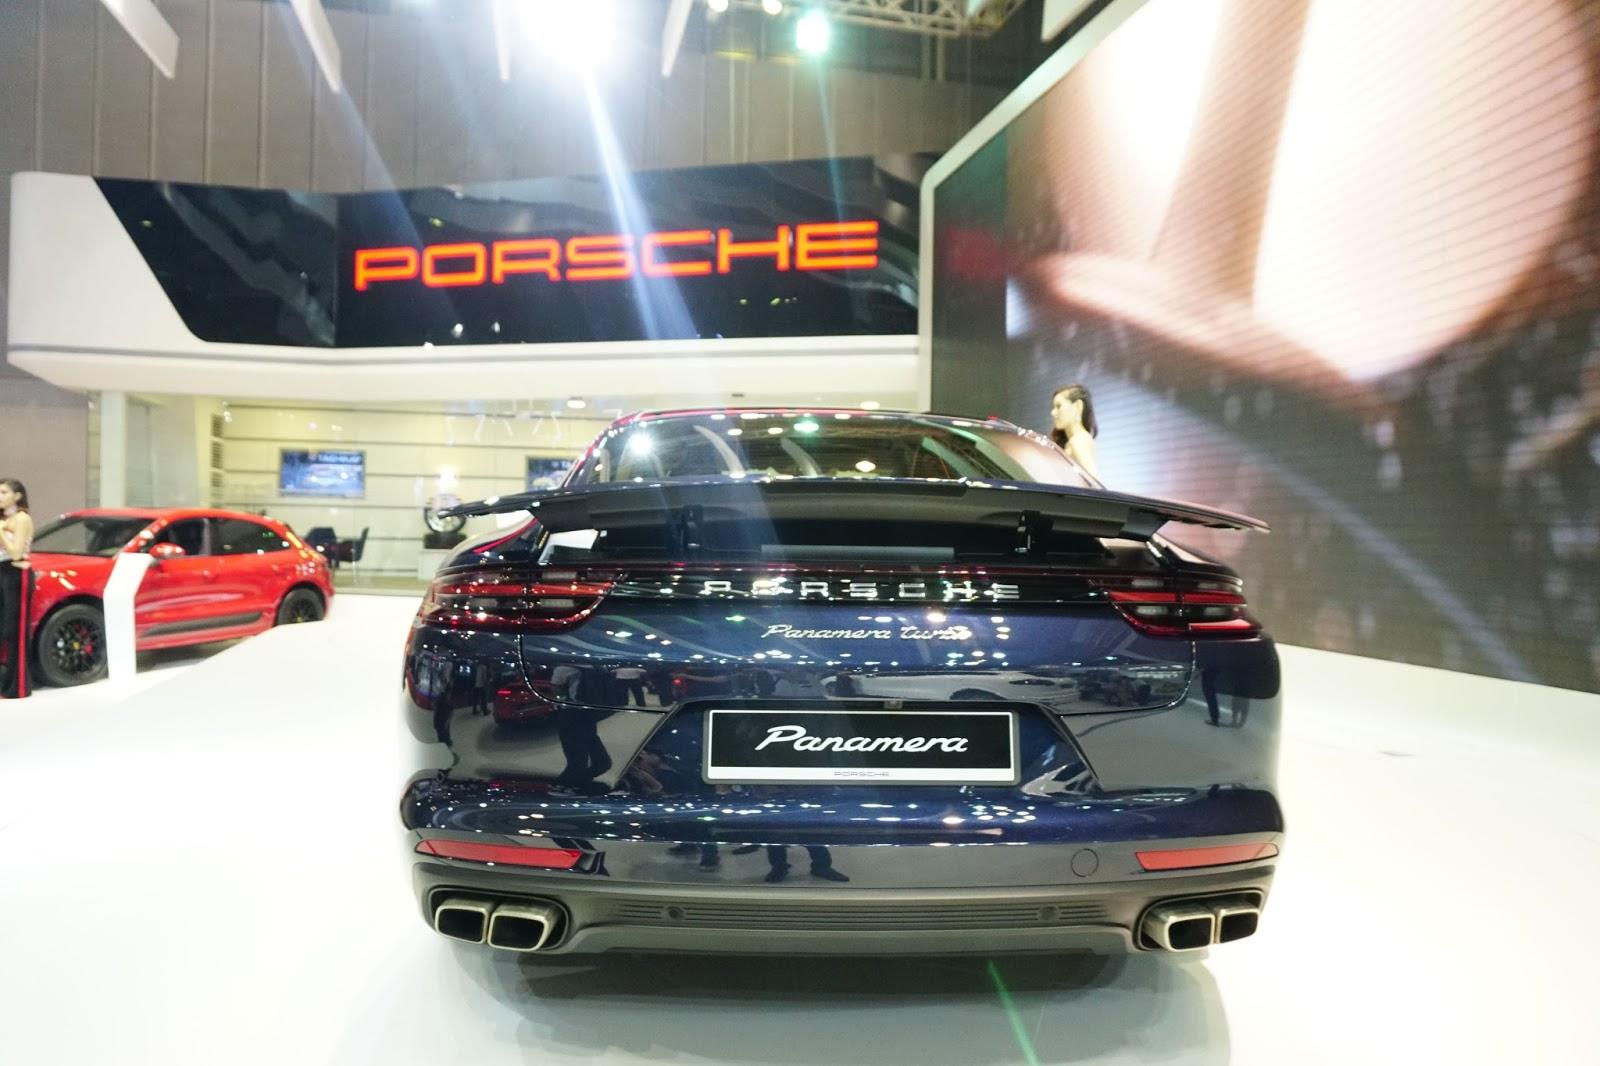 Đuôi xe của Porsche Panamera 2017 thể thao, cá tính và đậm chất xe đua